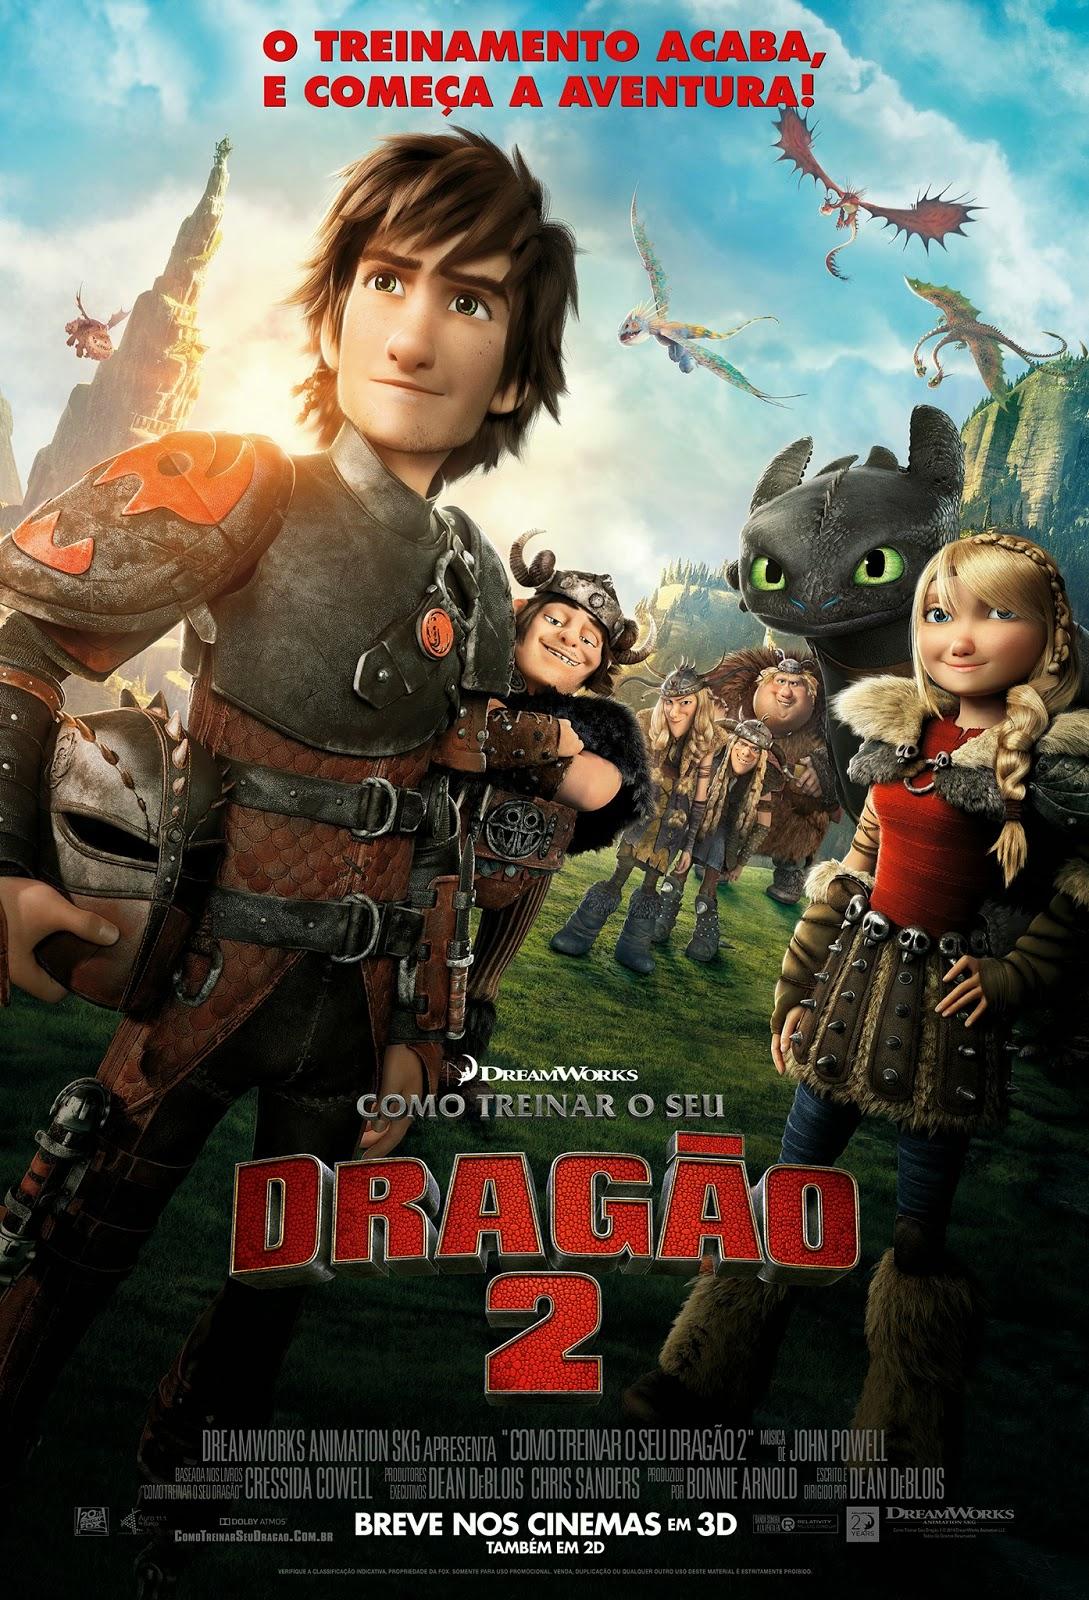 Pôster/capa/cartaz nacional de COMO TREINAR O SEU DRAGÃO 2 (How to Train Your Dragon 2)